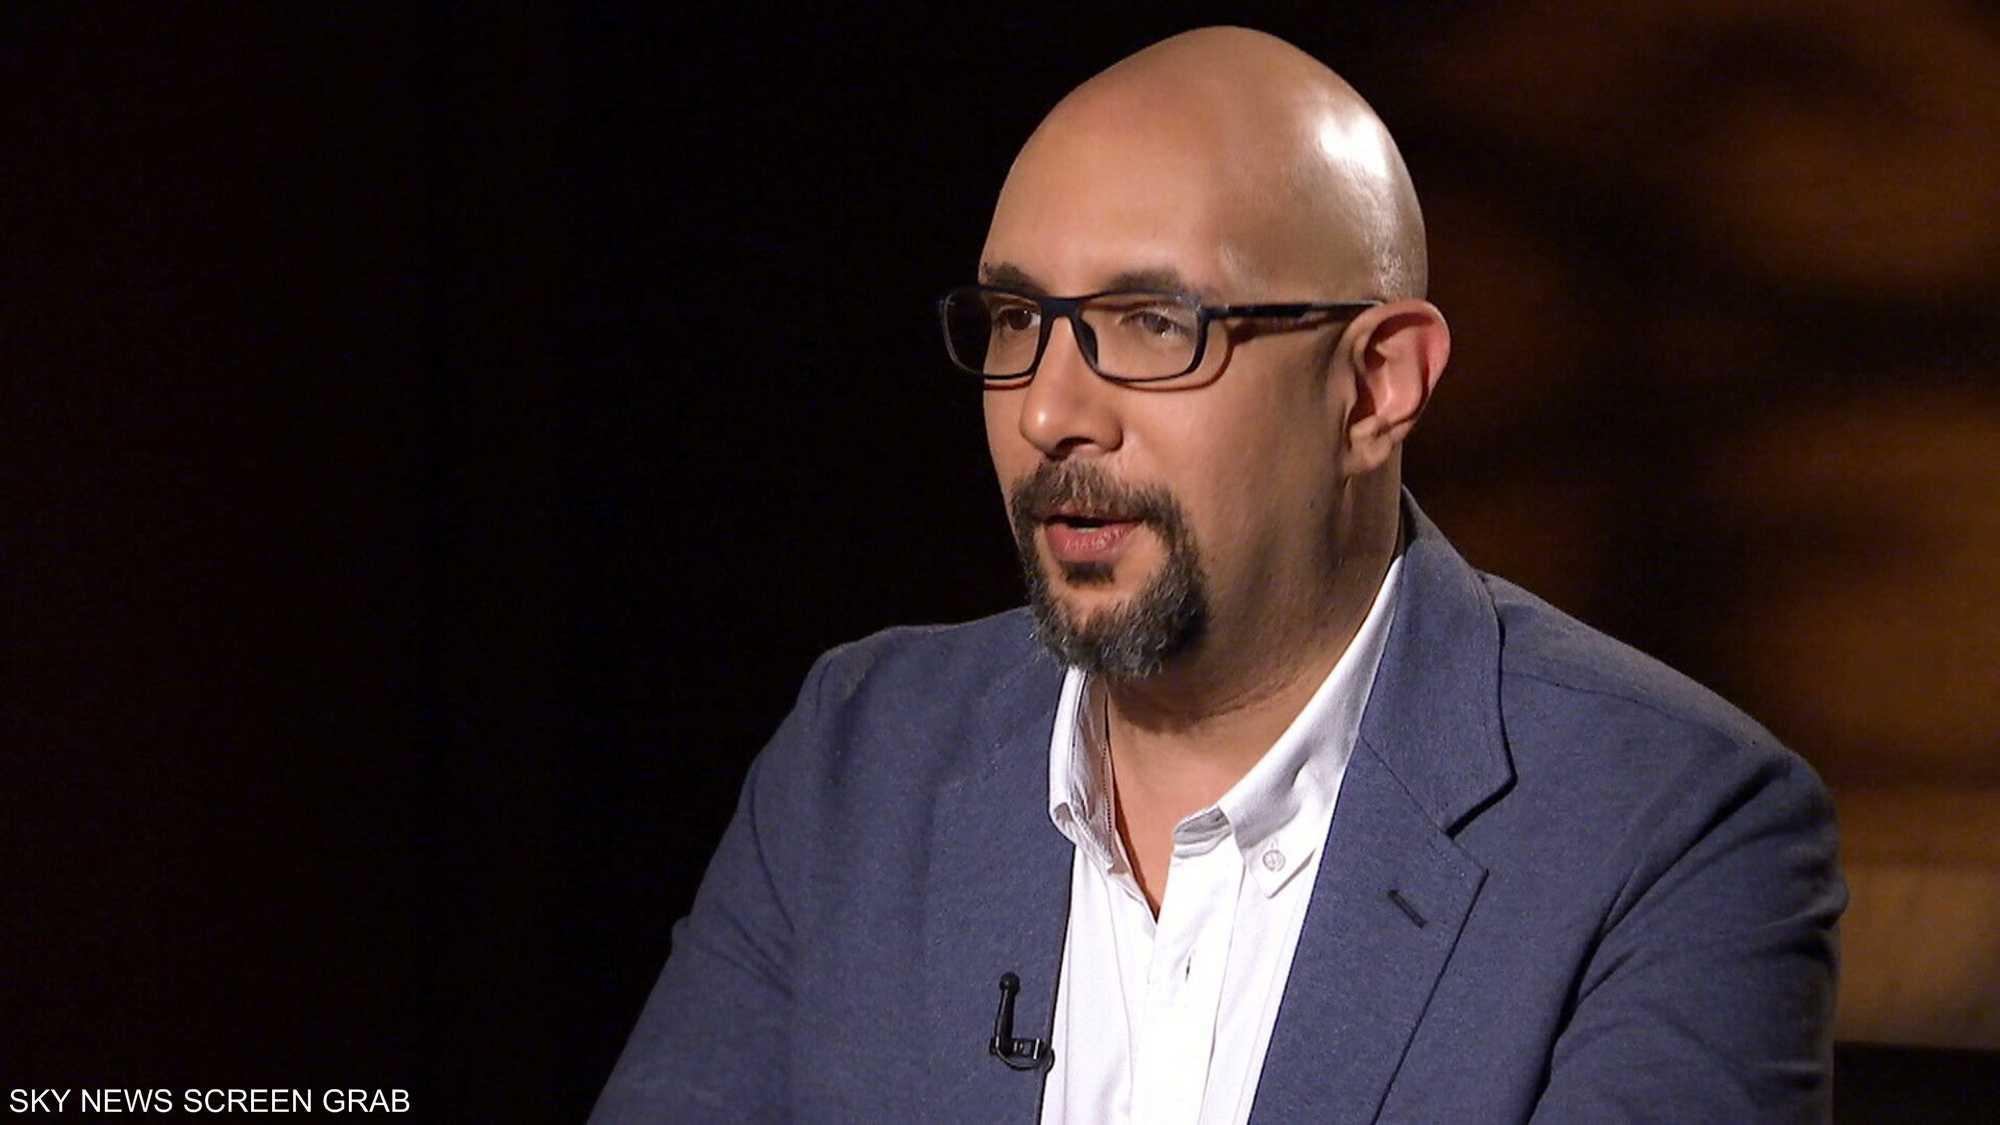 الباحث المصري وليد فكري ضيف حديث العرب